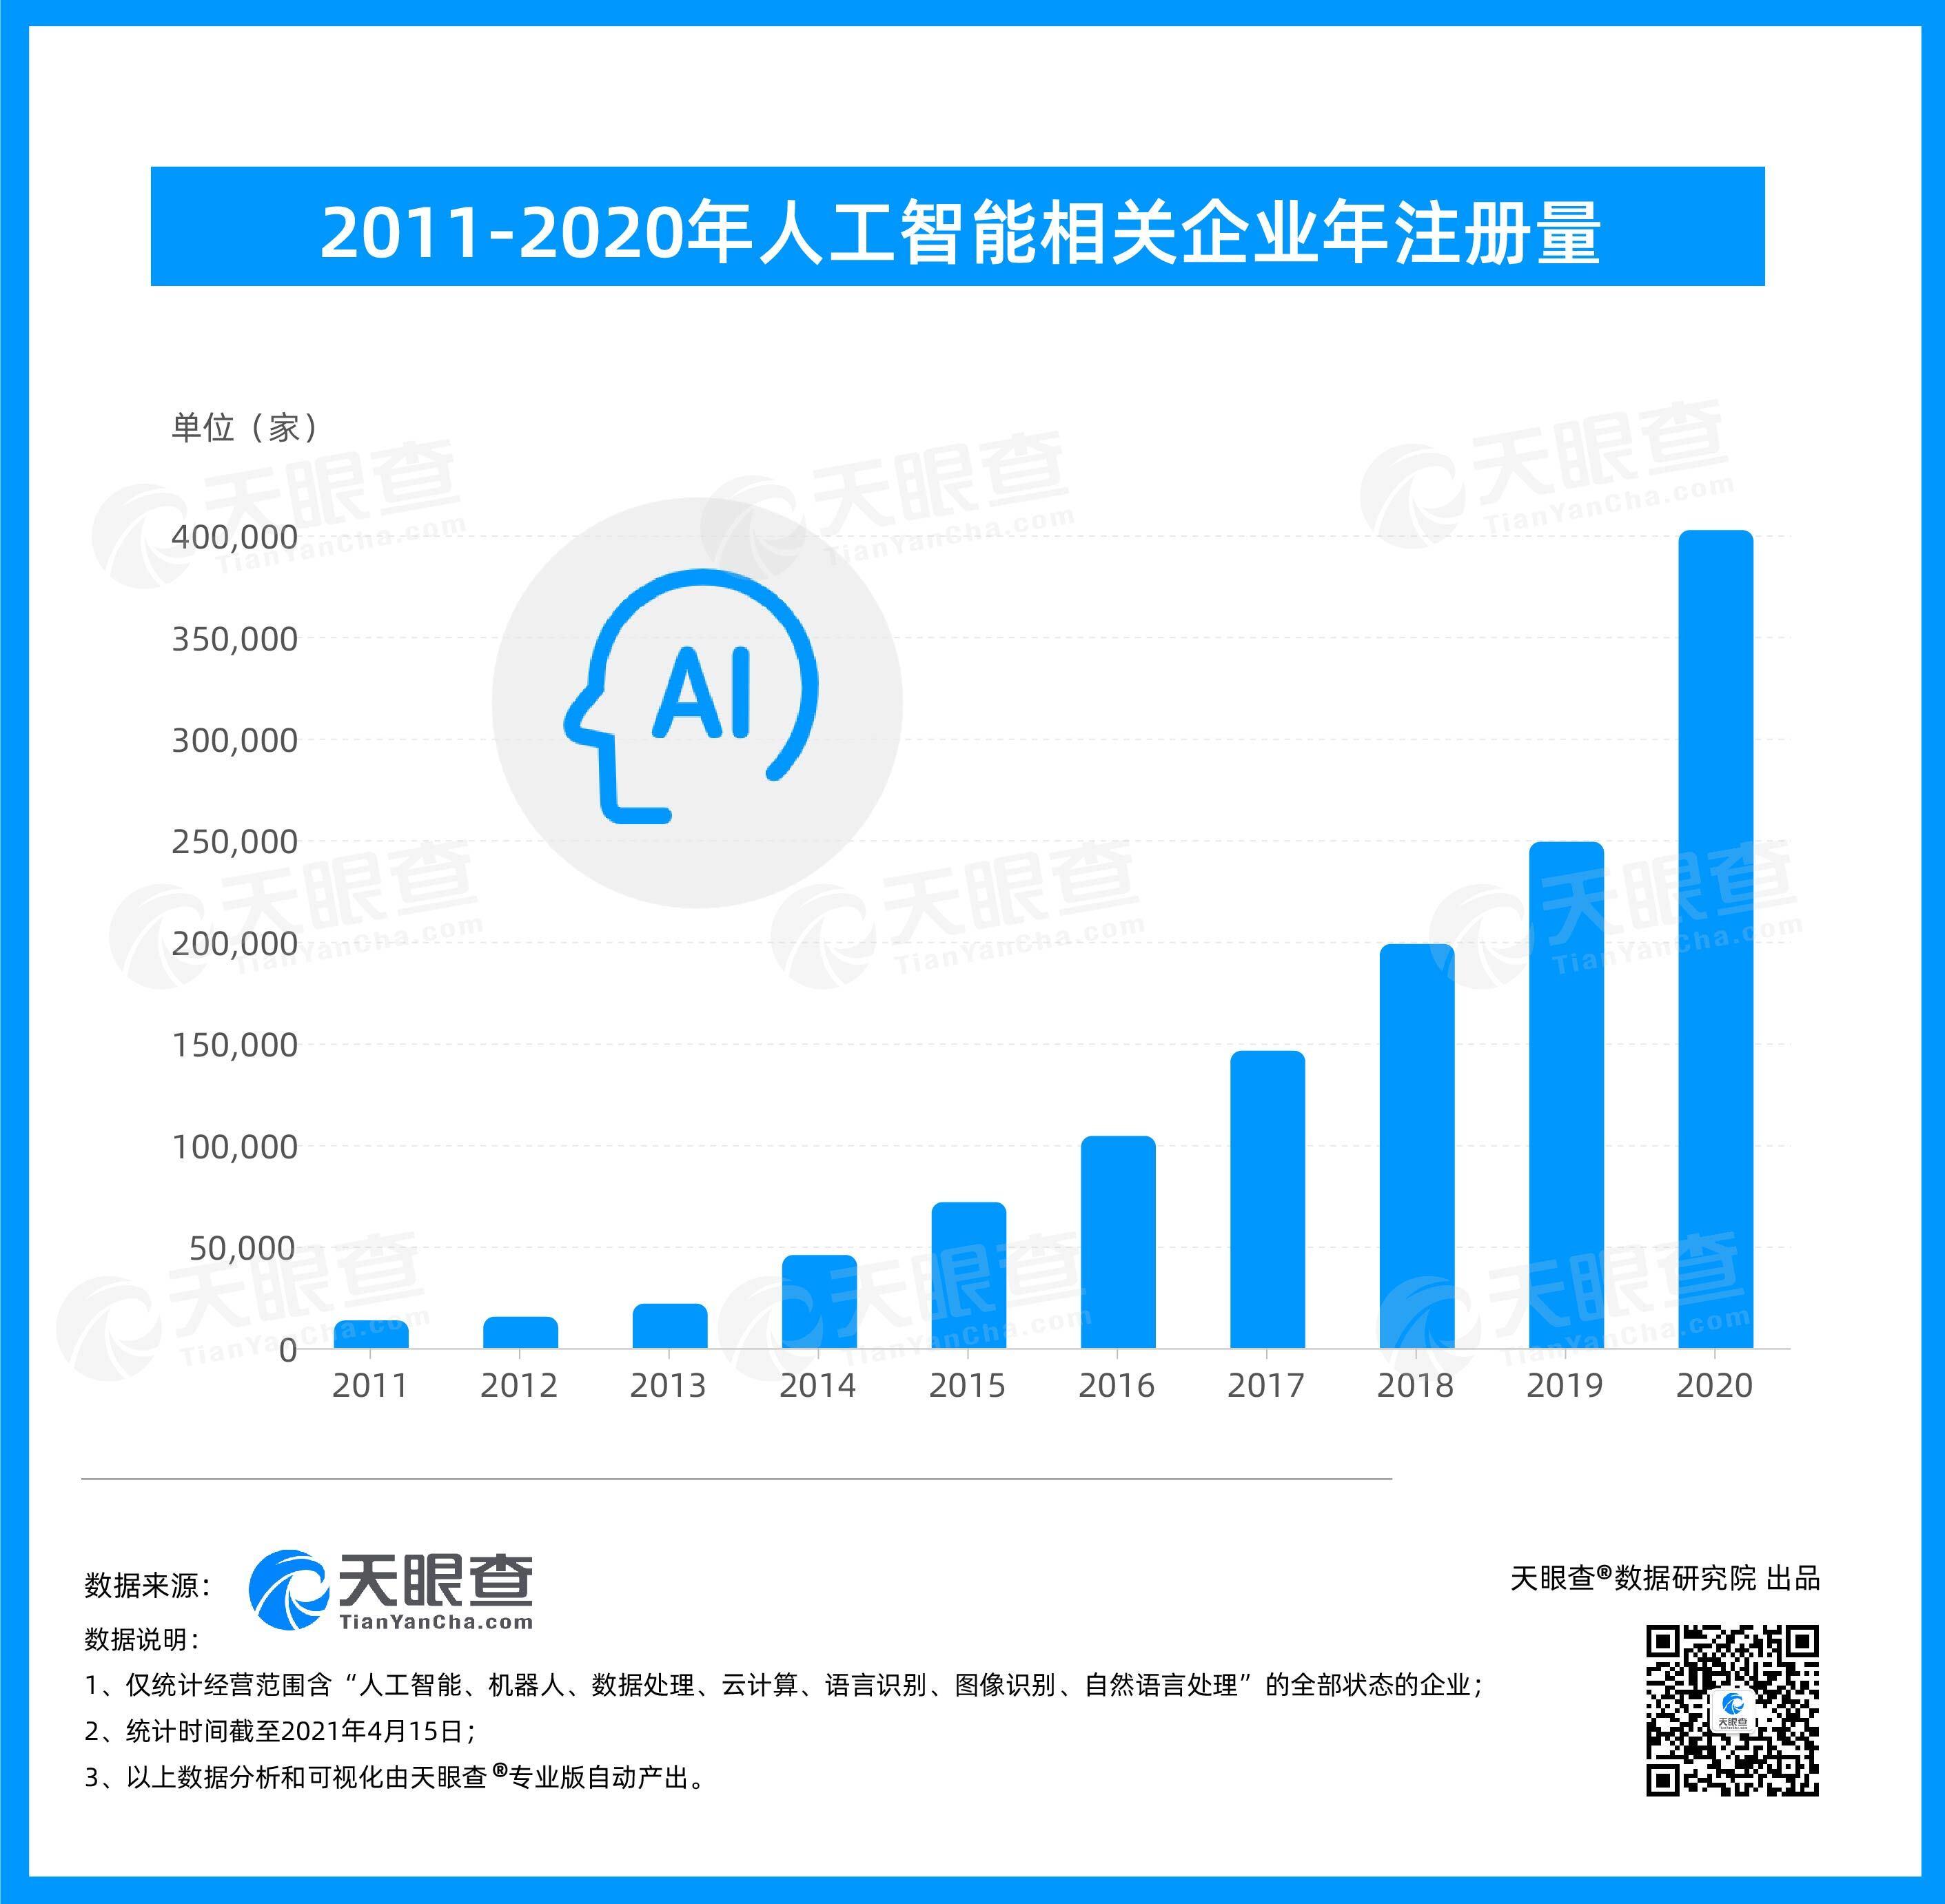 天眼查大数据:我国现有人工智能相关企业近130万家